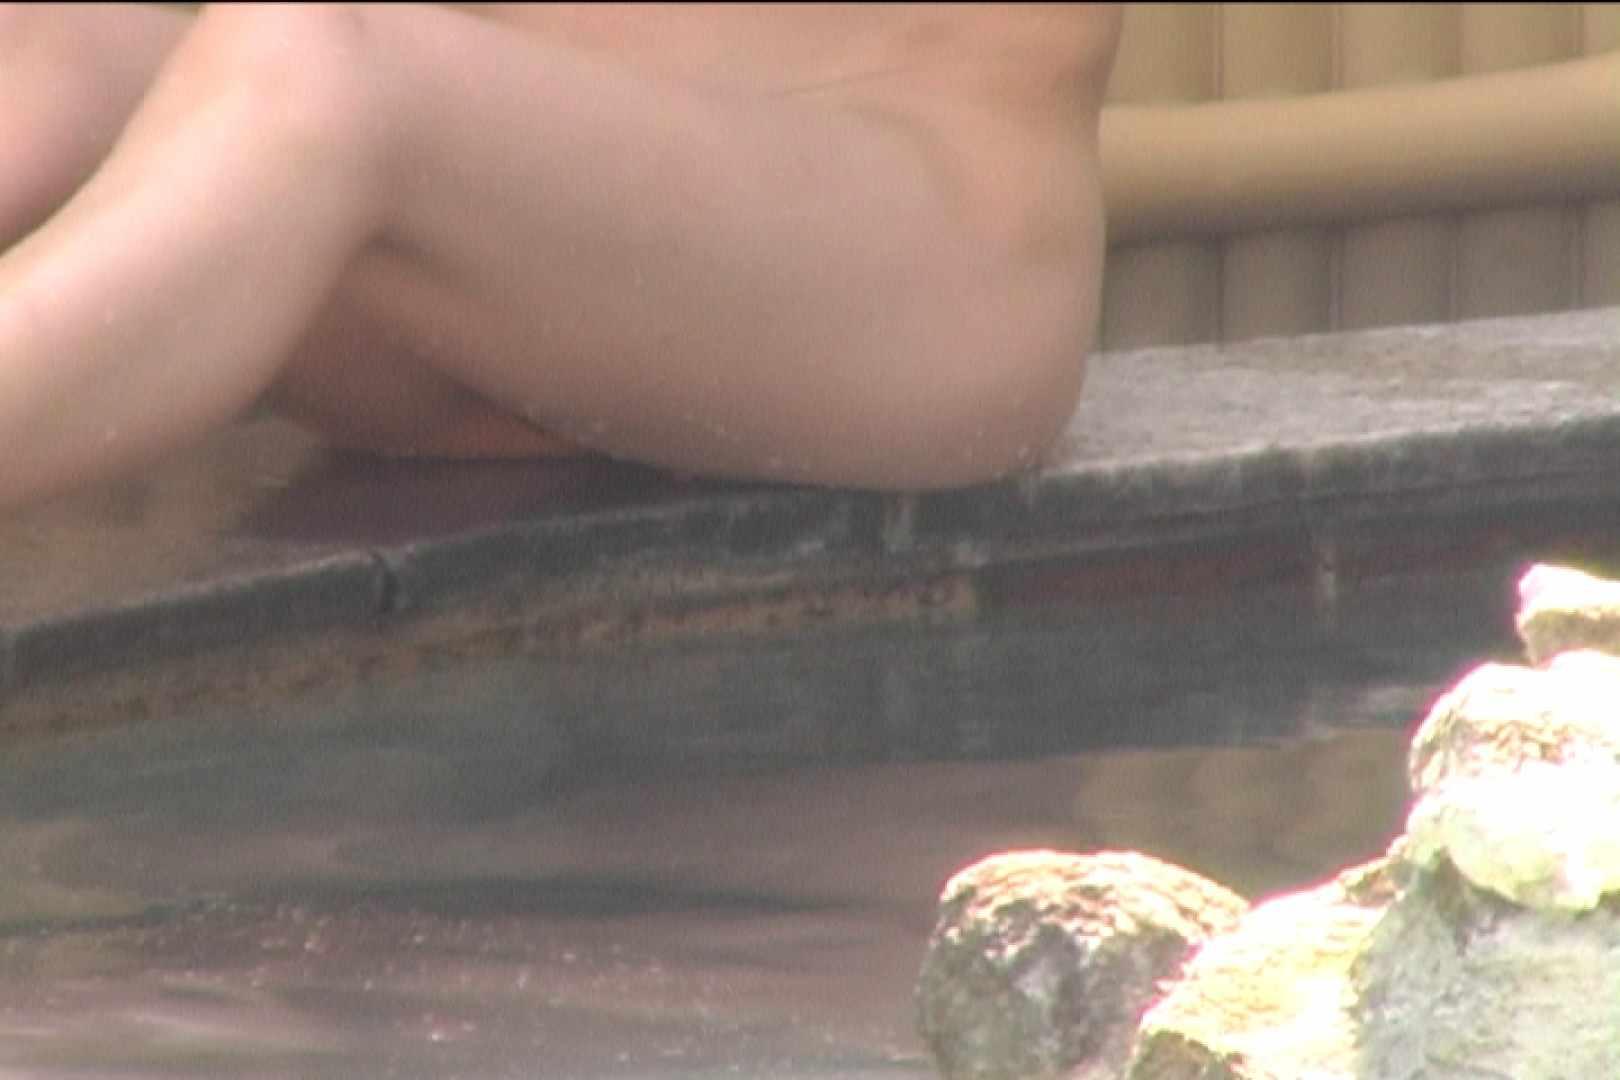 Aquaな露天風呂Vol.526 盗撮 ワレメ動画紹介 86画像 53